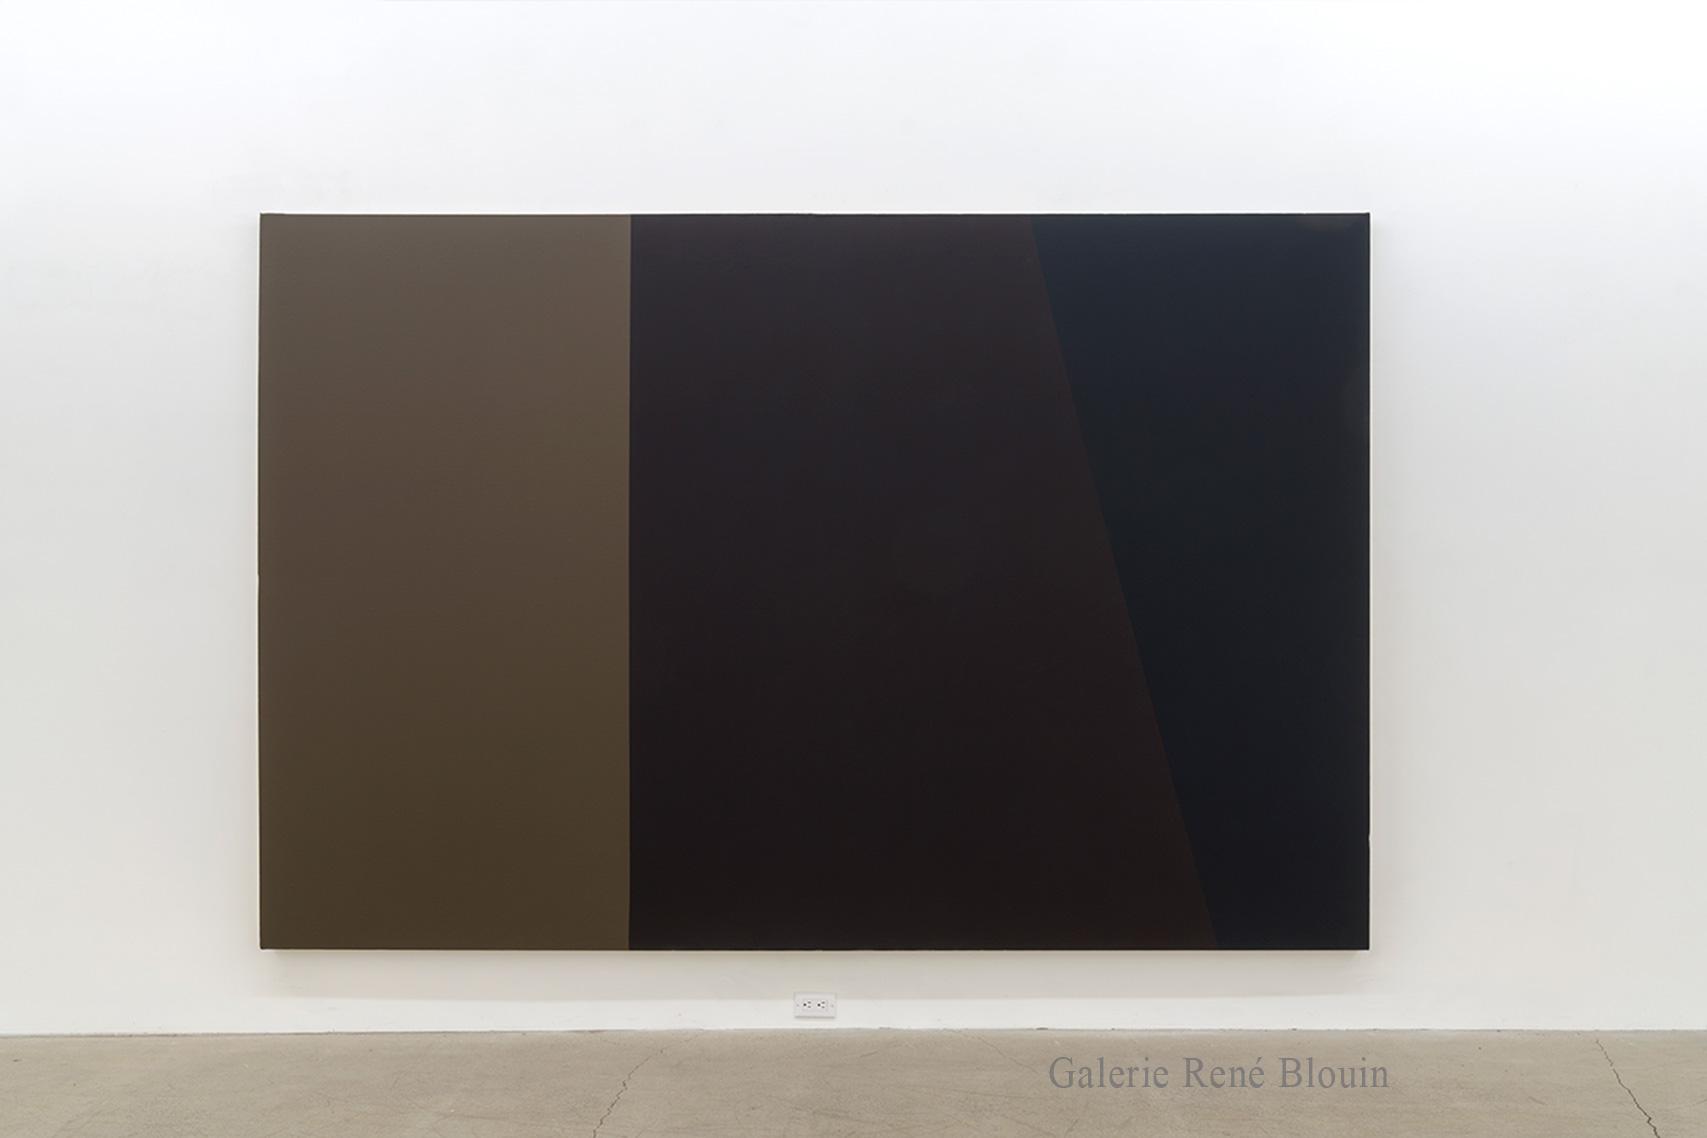 Yves Gaucher, CDRR red rouge, 1986-87, Acrylique sur toile, 203,2 x 304,8 cm / 80 x 120 pouces, Photo : Guy L'Heureux